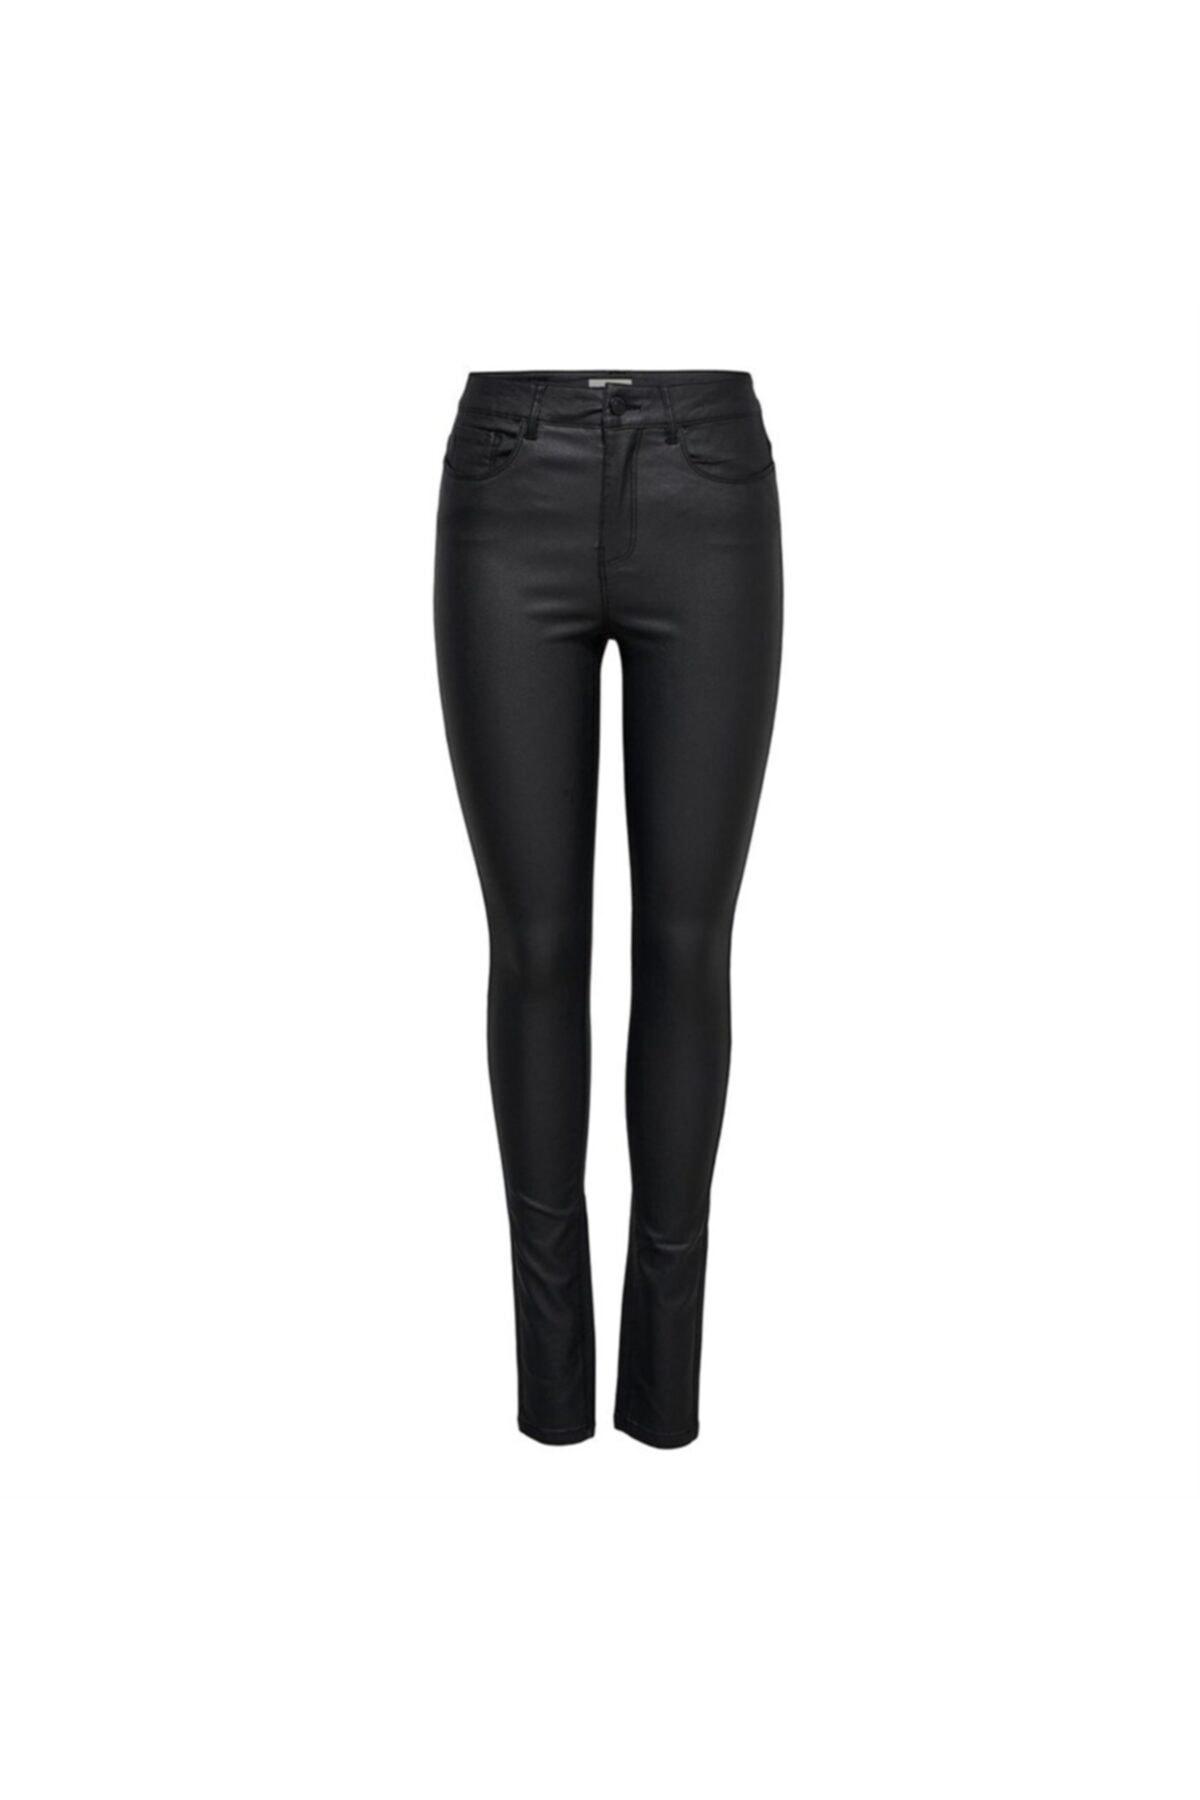 Only 15151791 Kadın Pantolon Sıyah 1